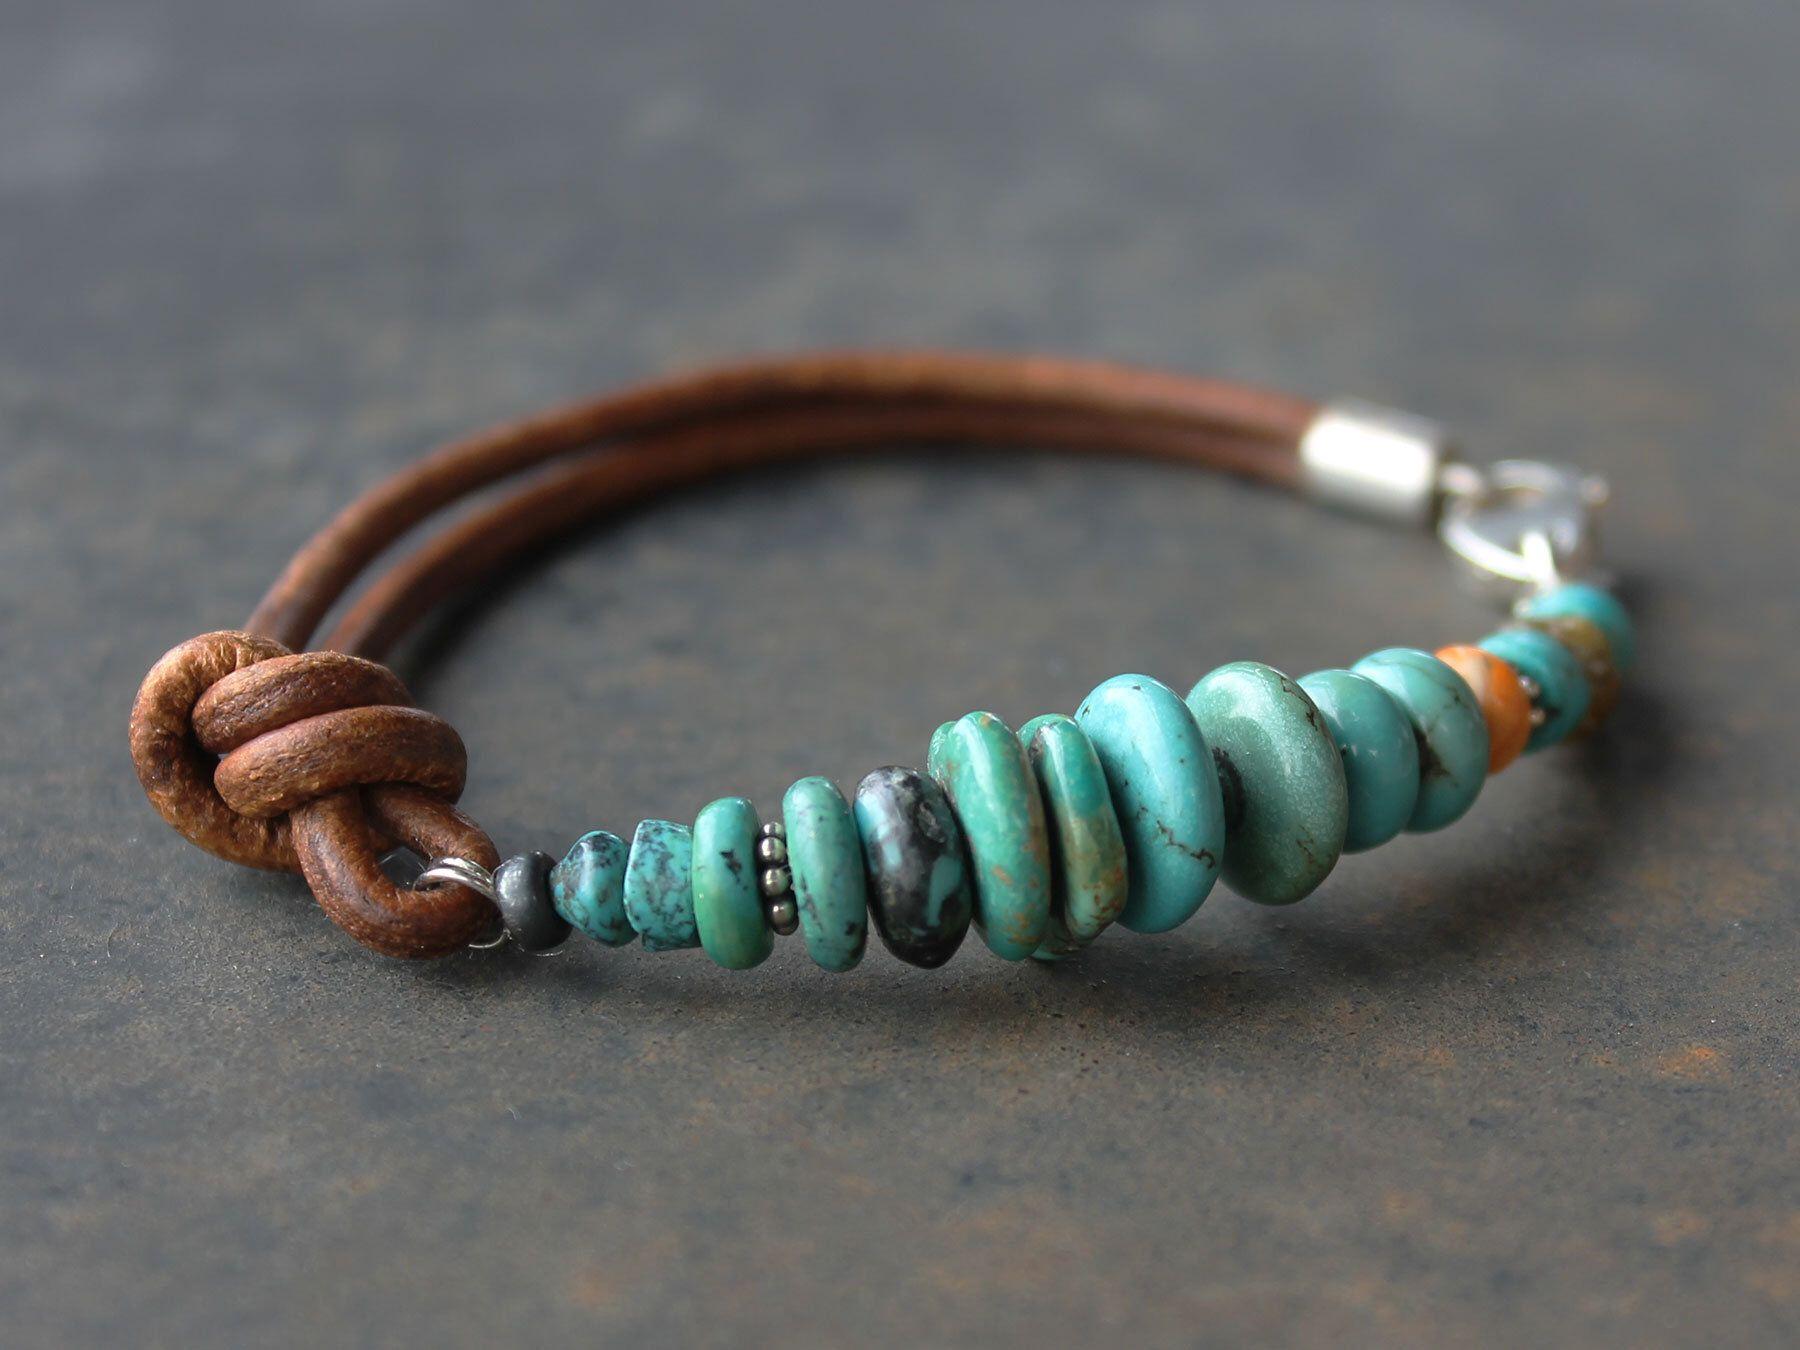 666717c3d93 Colorful boho bracelet -Sundance Style leather, spiny oyster turquoise stacking  bracelet, handmade jewelry